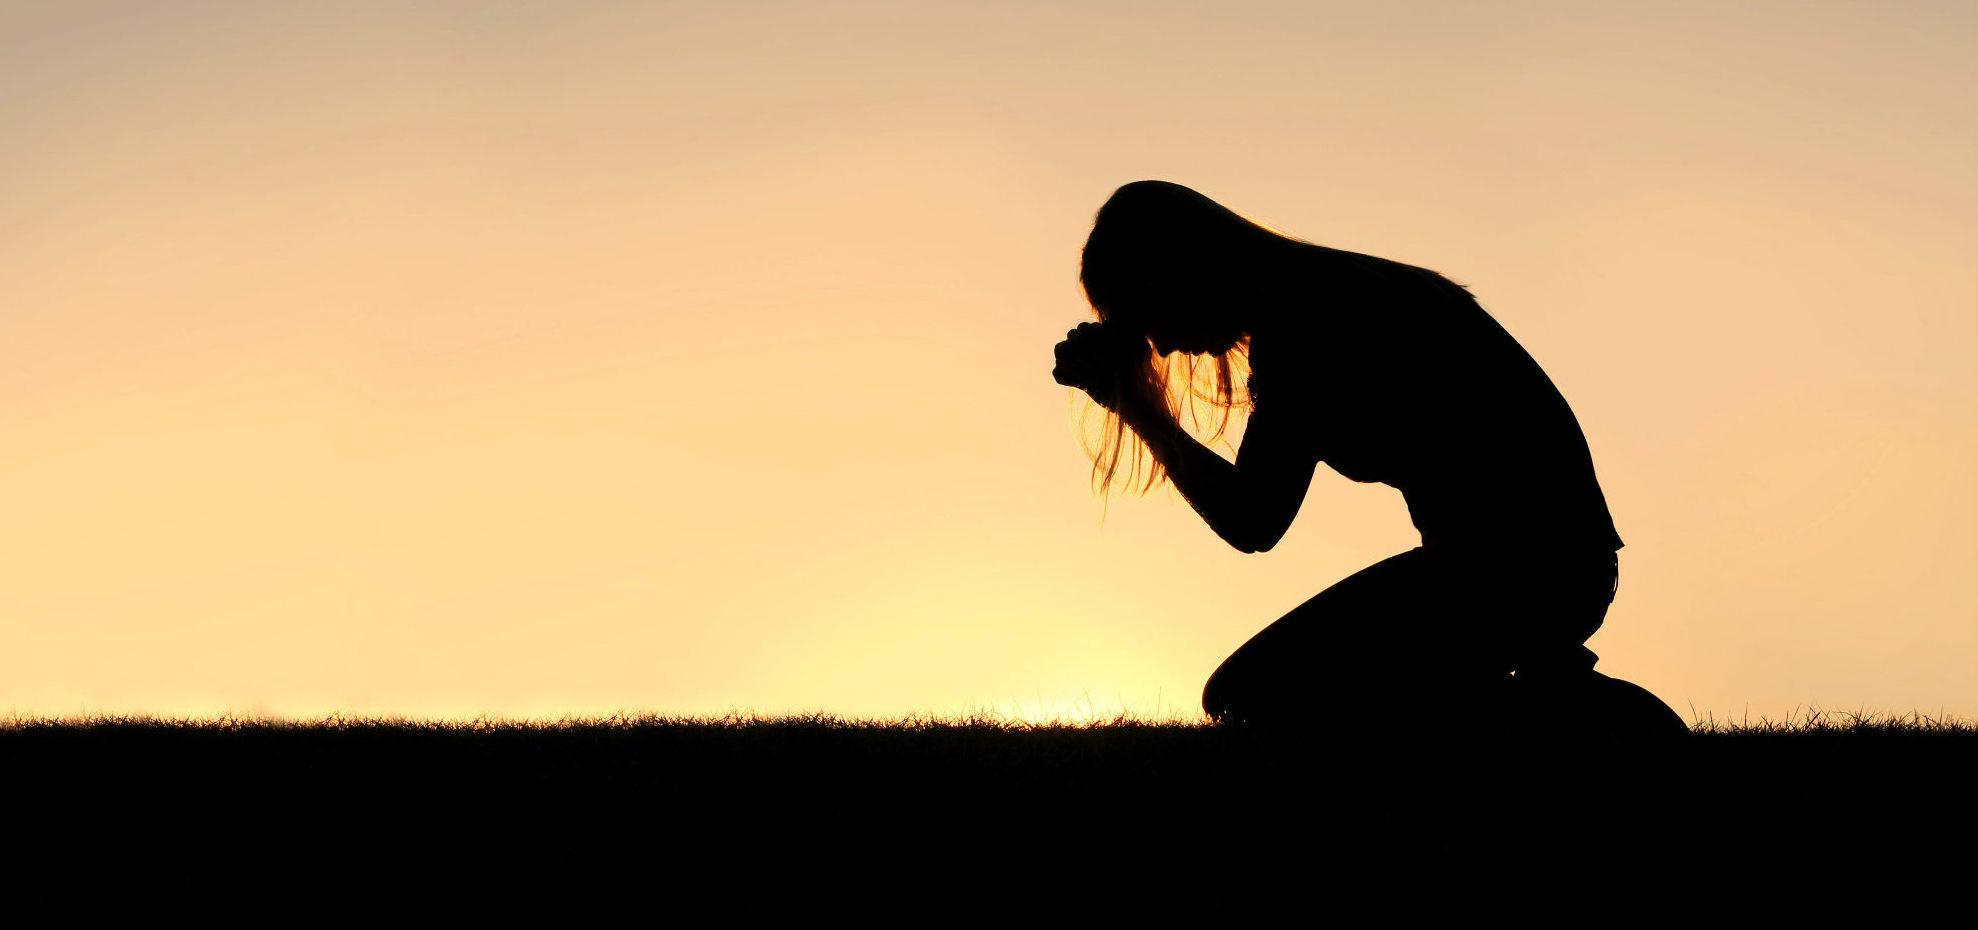 oração: poderosoas orações para acalmar seu coração